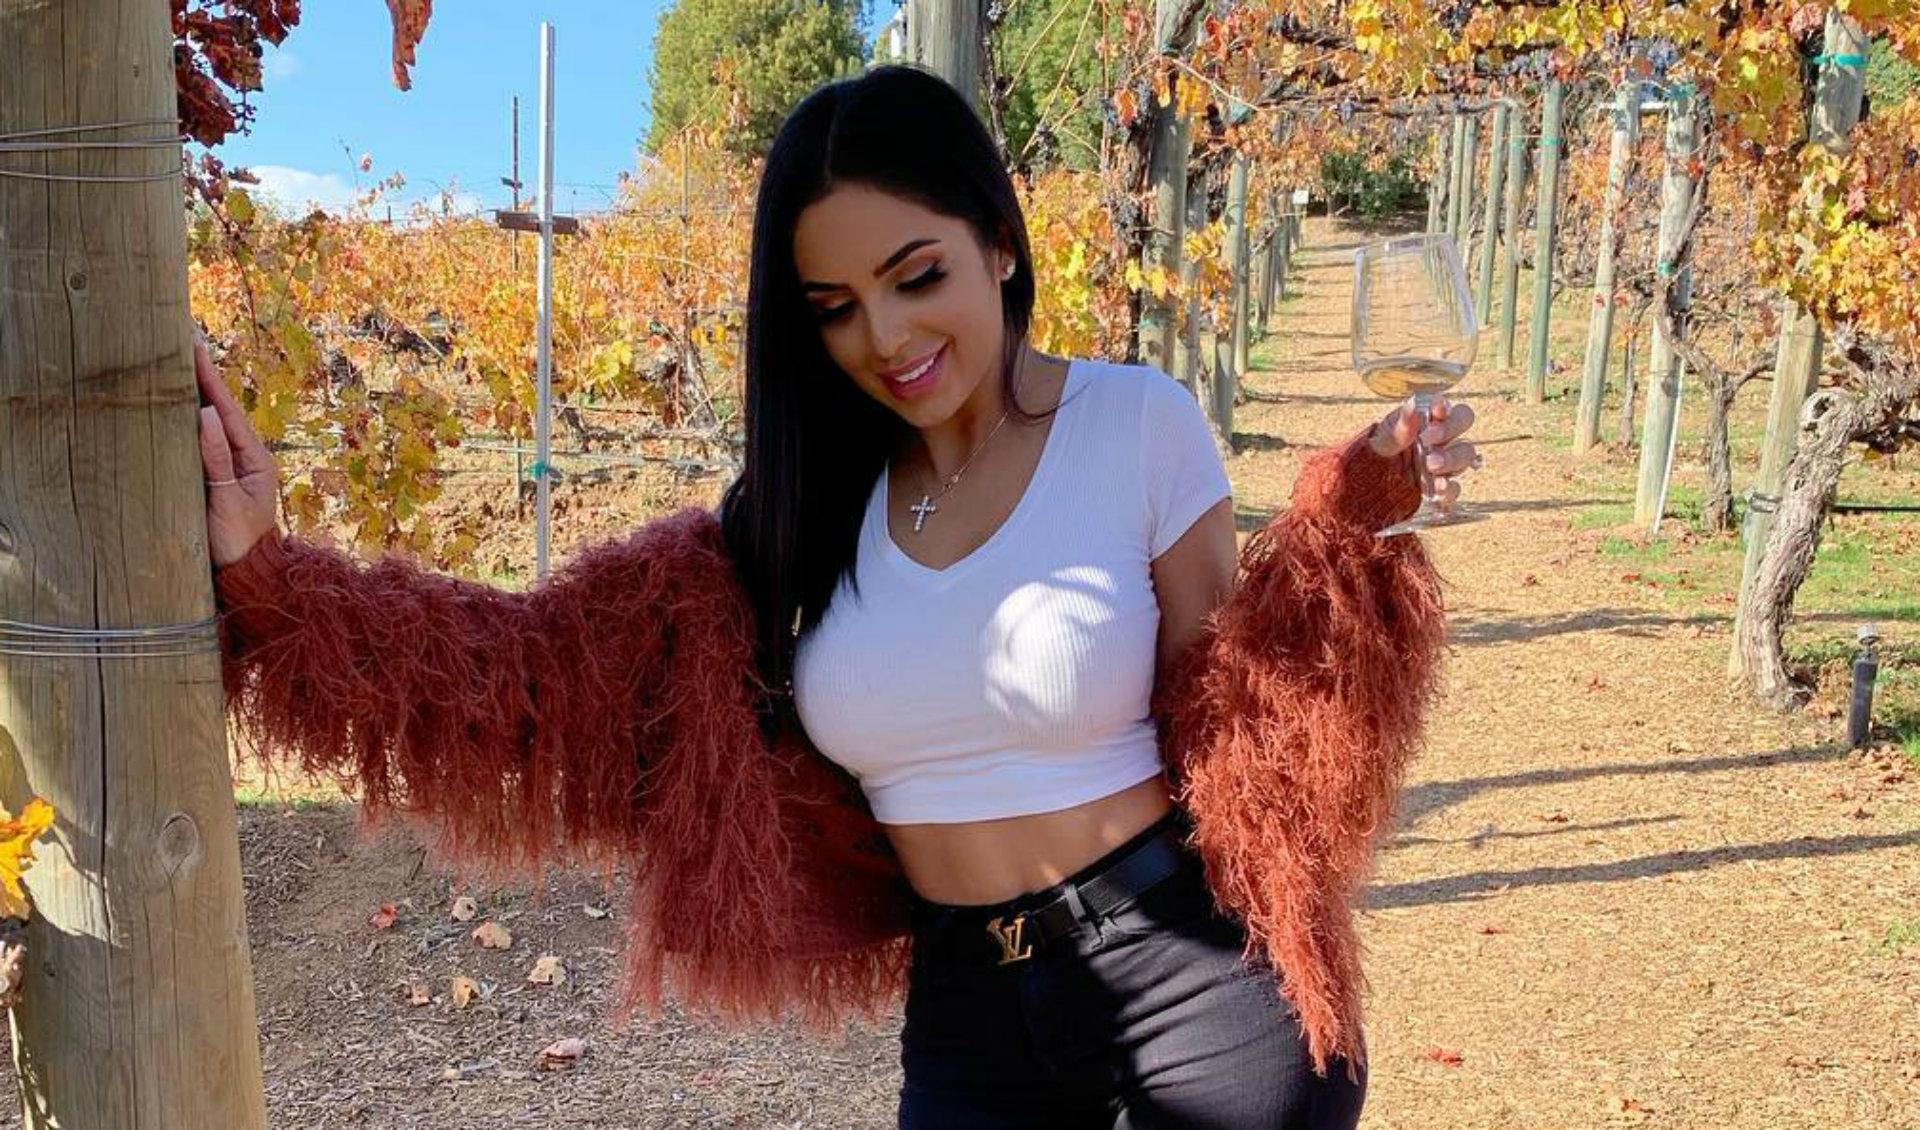 Jackie tiene más de dos millones de suscriptores en su canal de YouTube, en el que comparte consejos de belleza (Instagram)